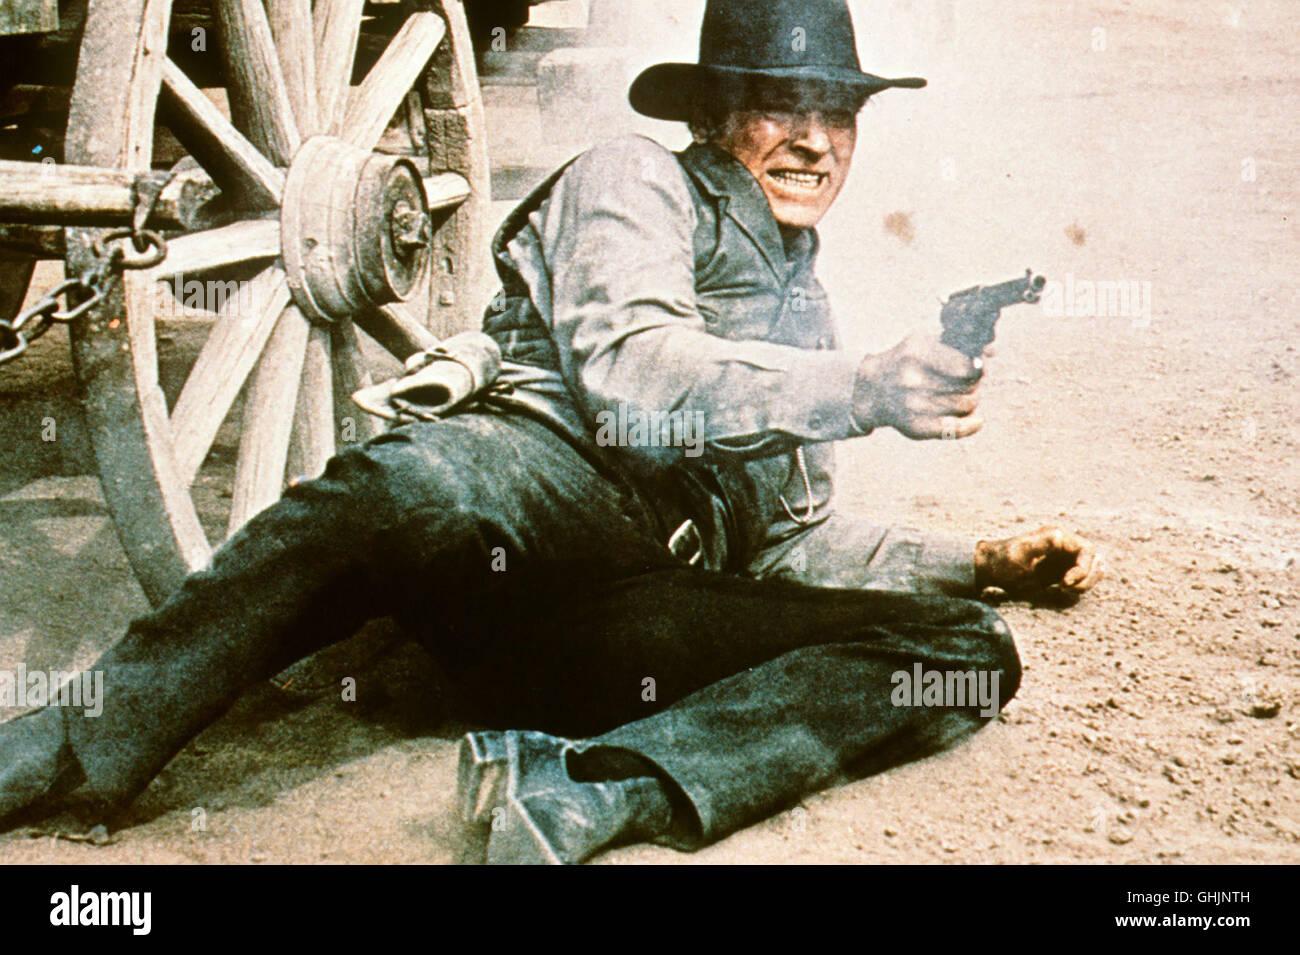 Sheriff Jered Maddox (BURT LANCASTER) will einen Trupp Bürger vor Gericht bringen, die bei einem Saufgelage - Stock Image